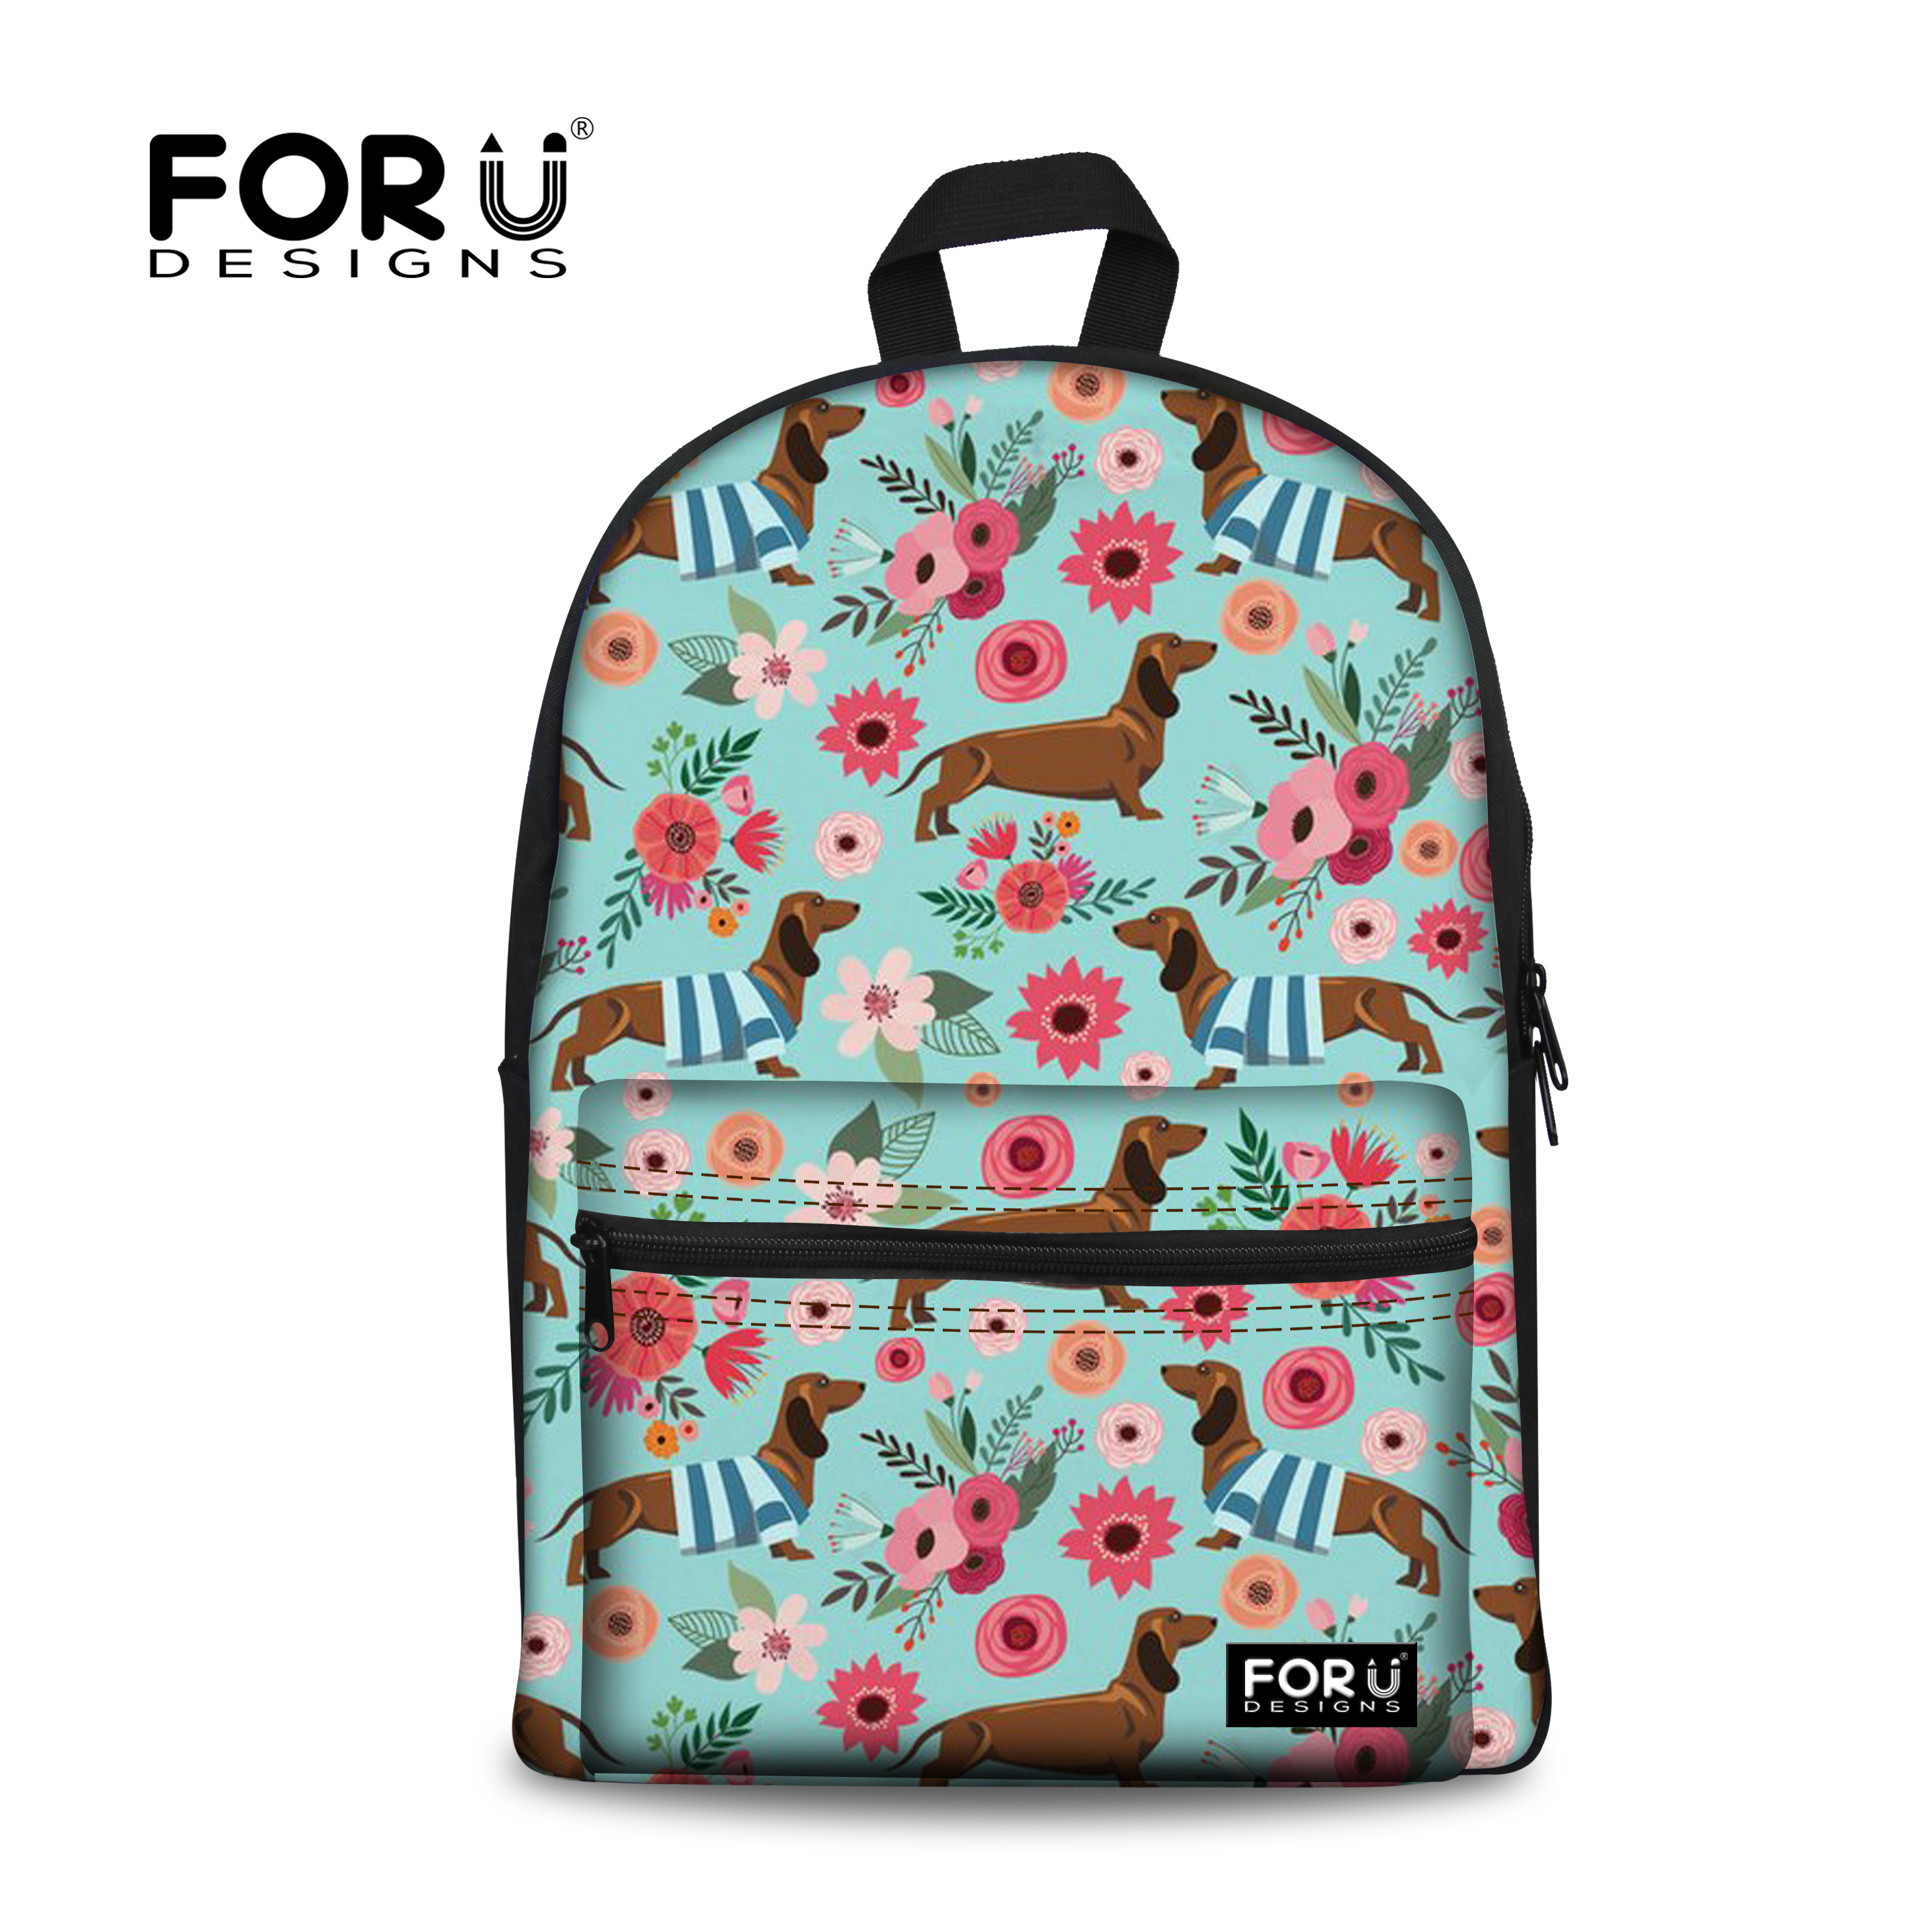 FORUDESIGNS/Модная школьная сумка рюкзак для девочек-подростков Колледж женский школьный такса собака печати основной сумки на плечо